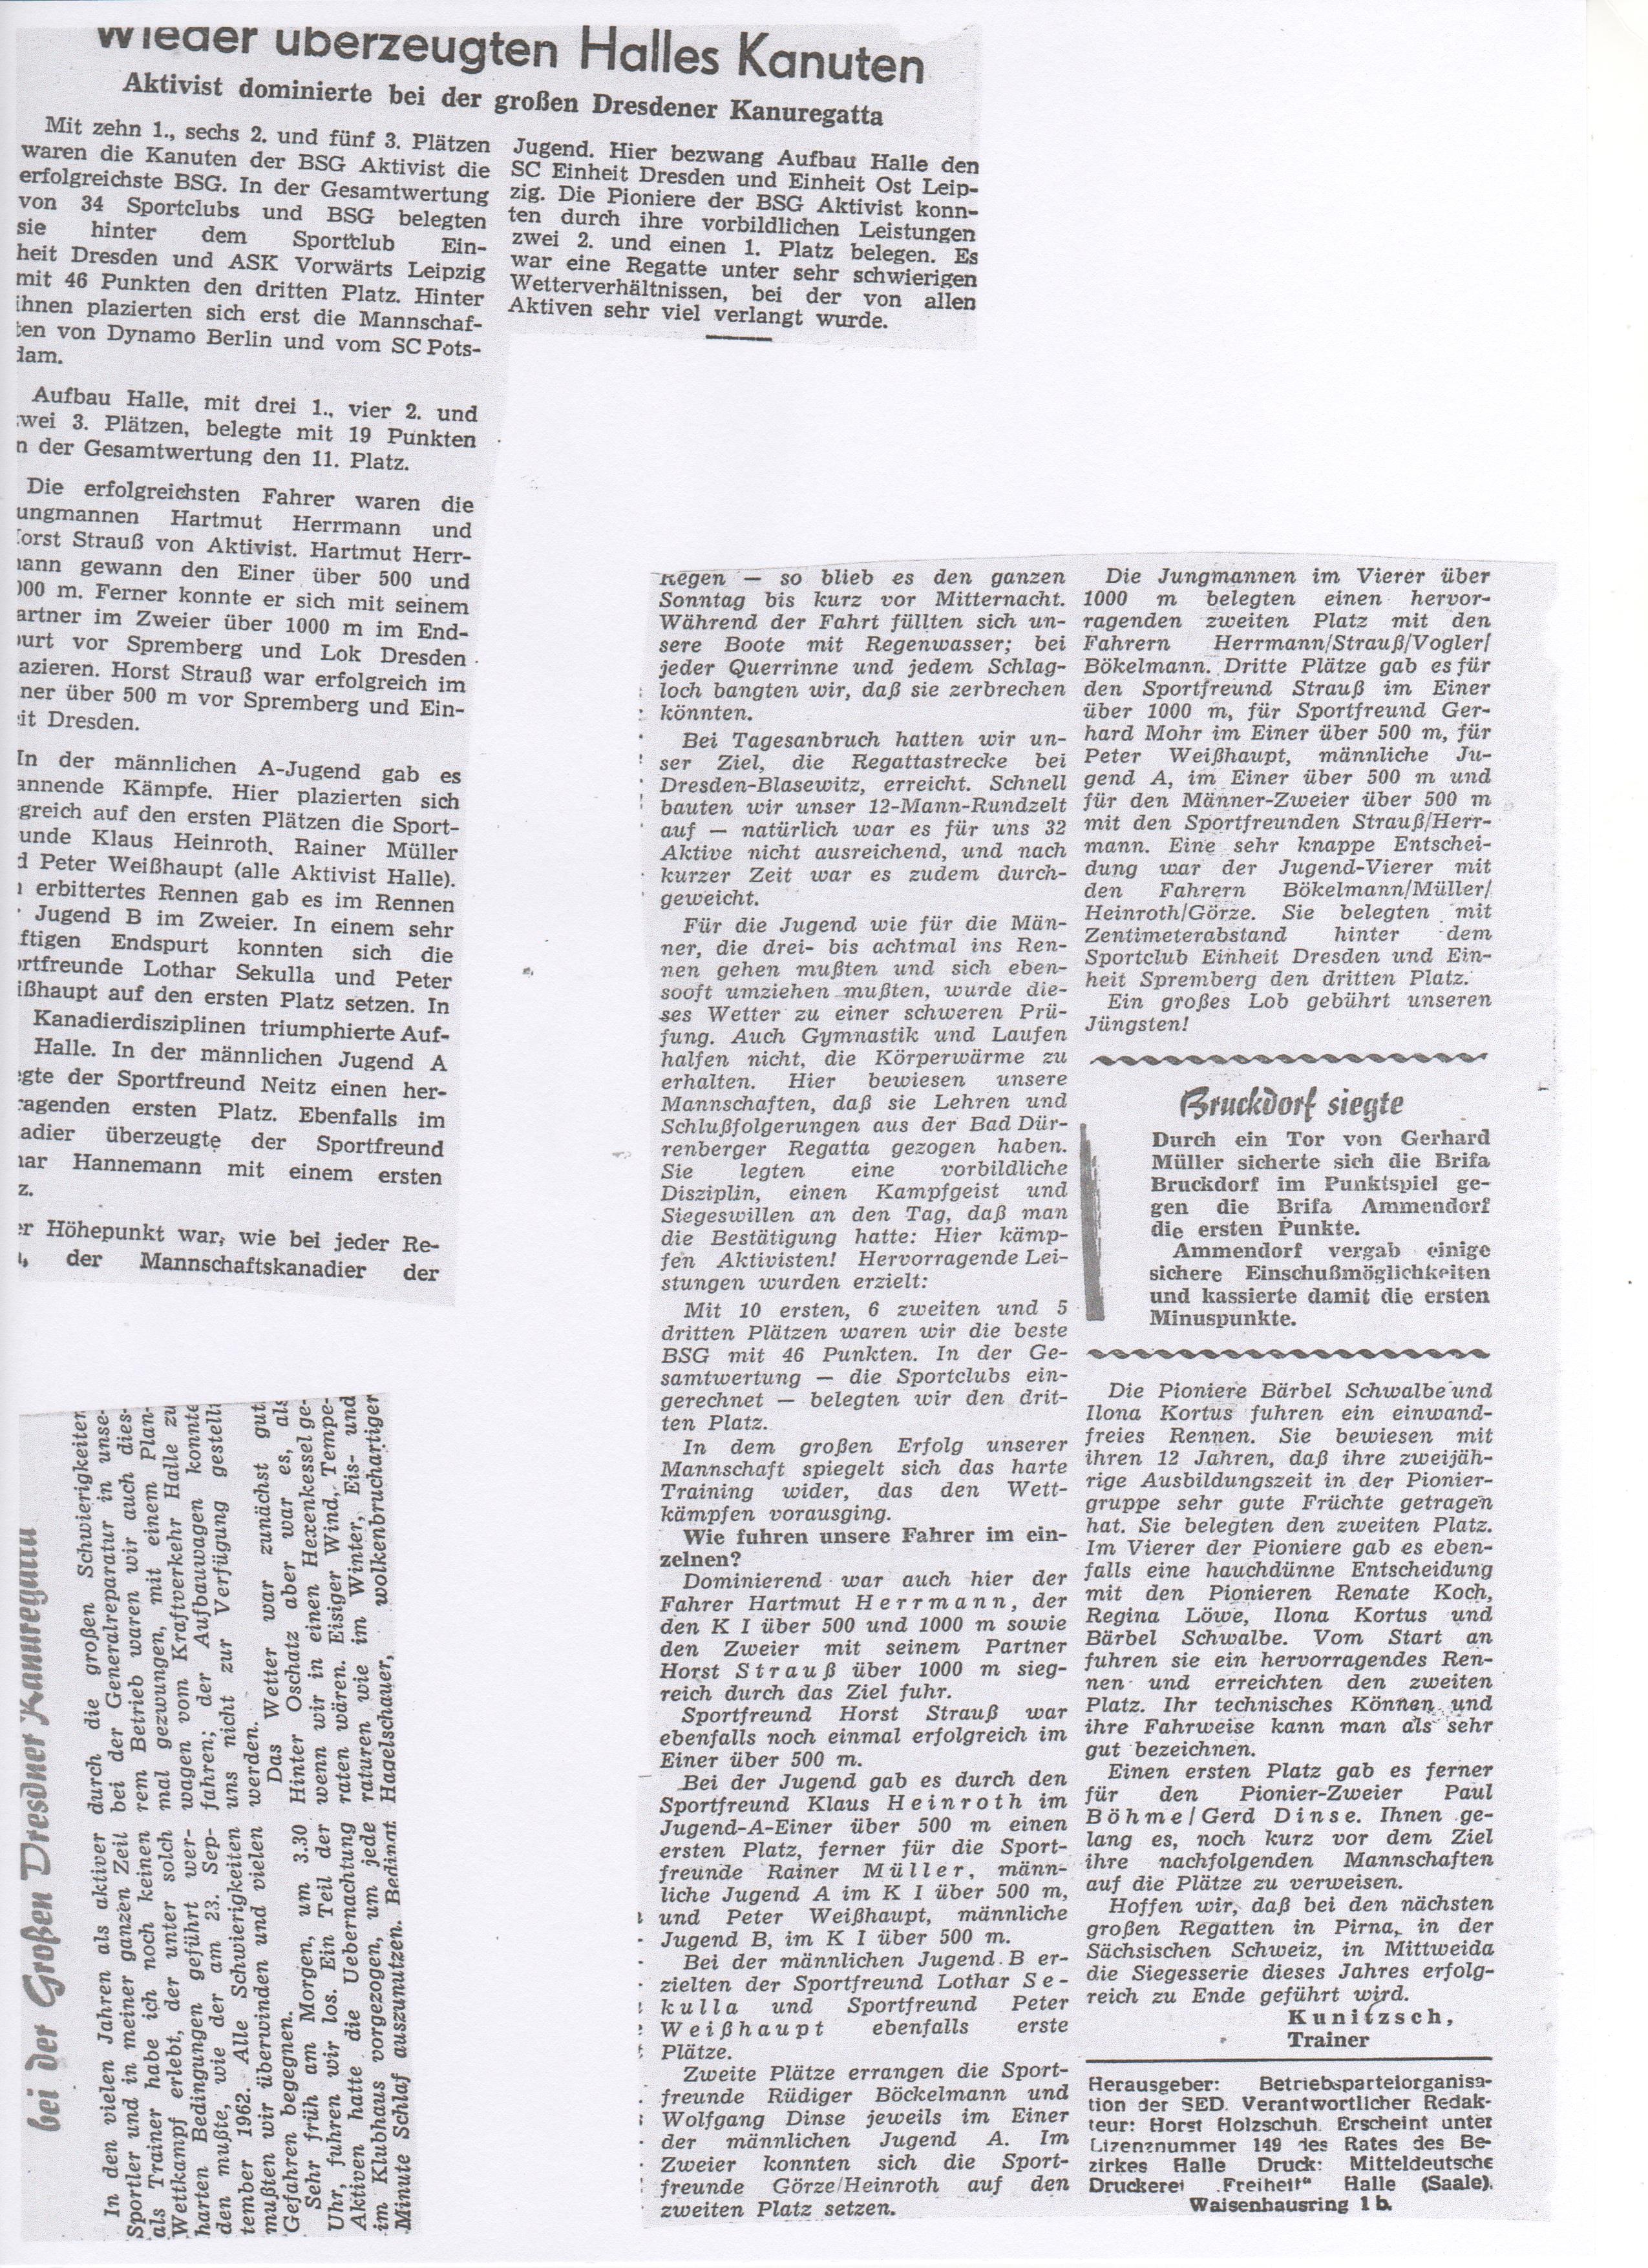 1962-09-23 Wieder überzeugen Halles Kanuten